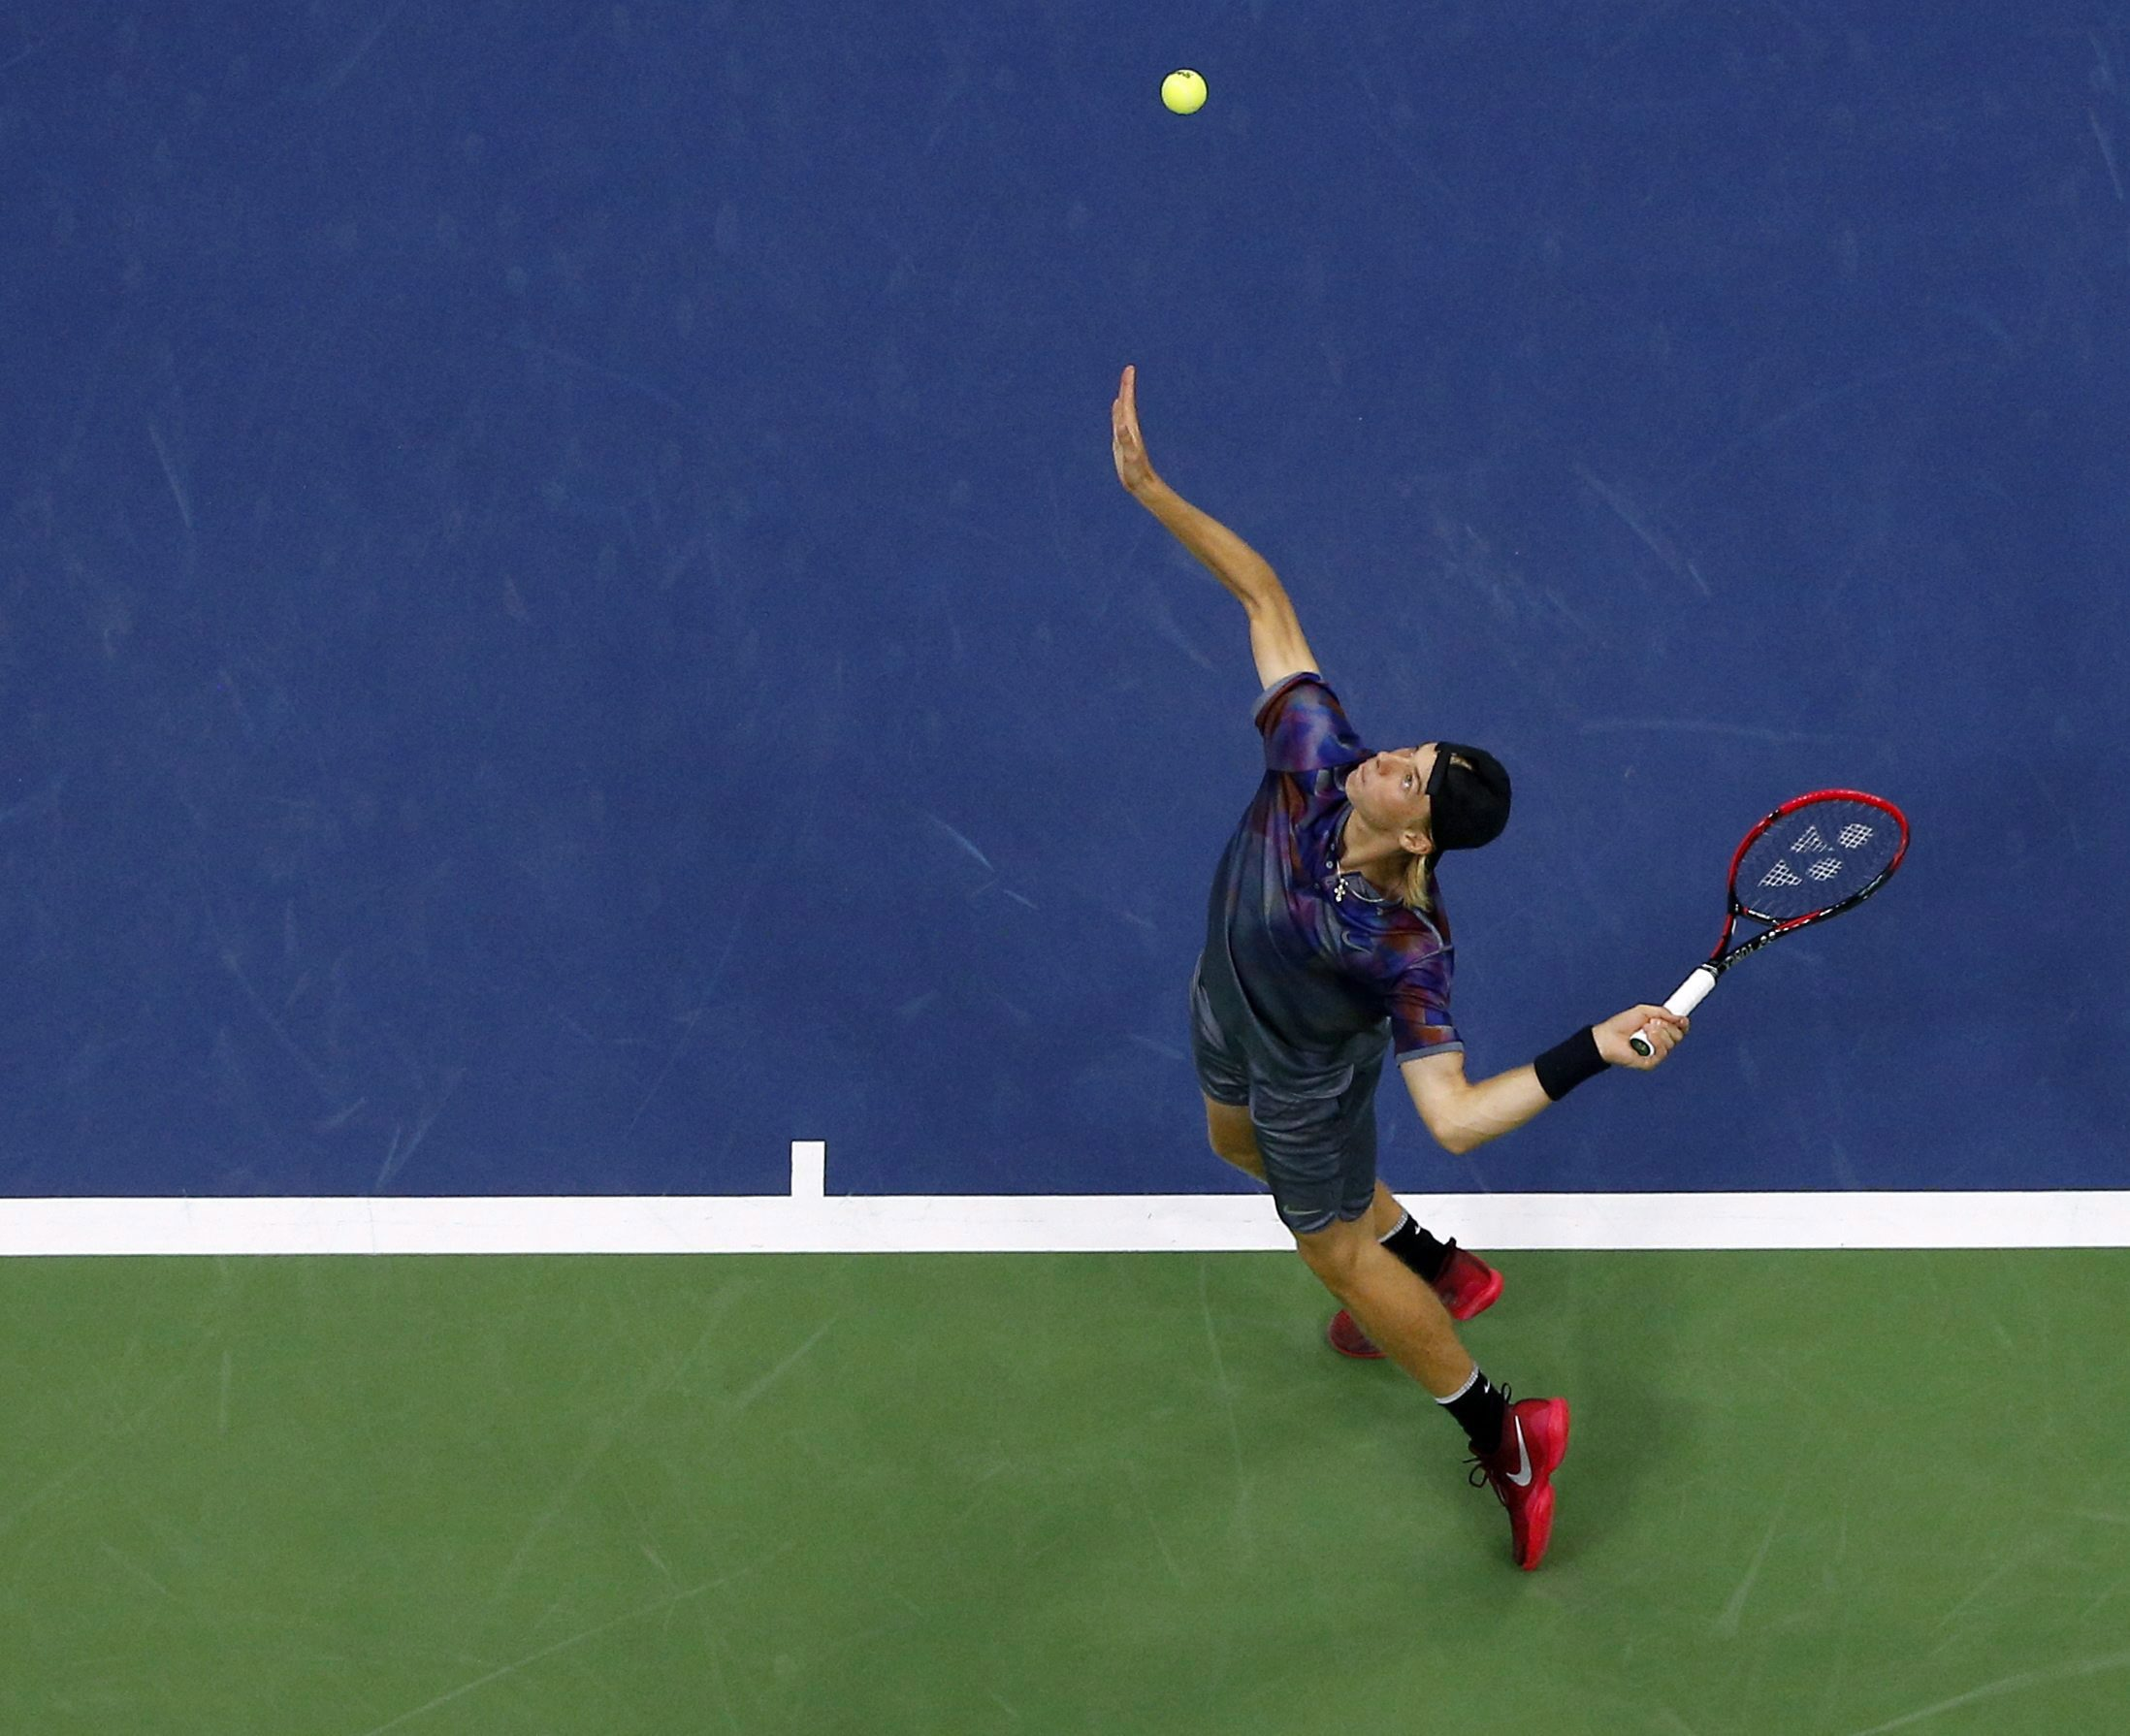 Denis aerial shot of a serve